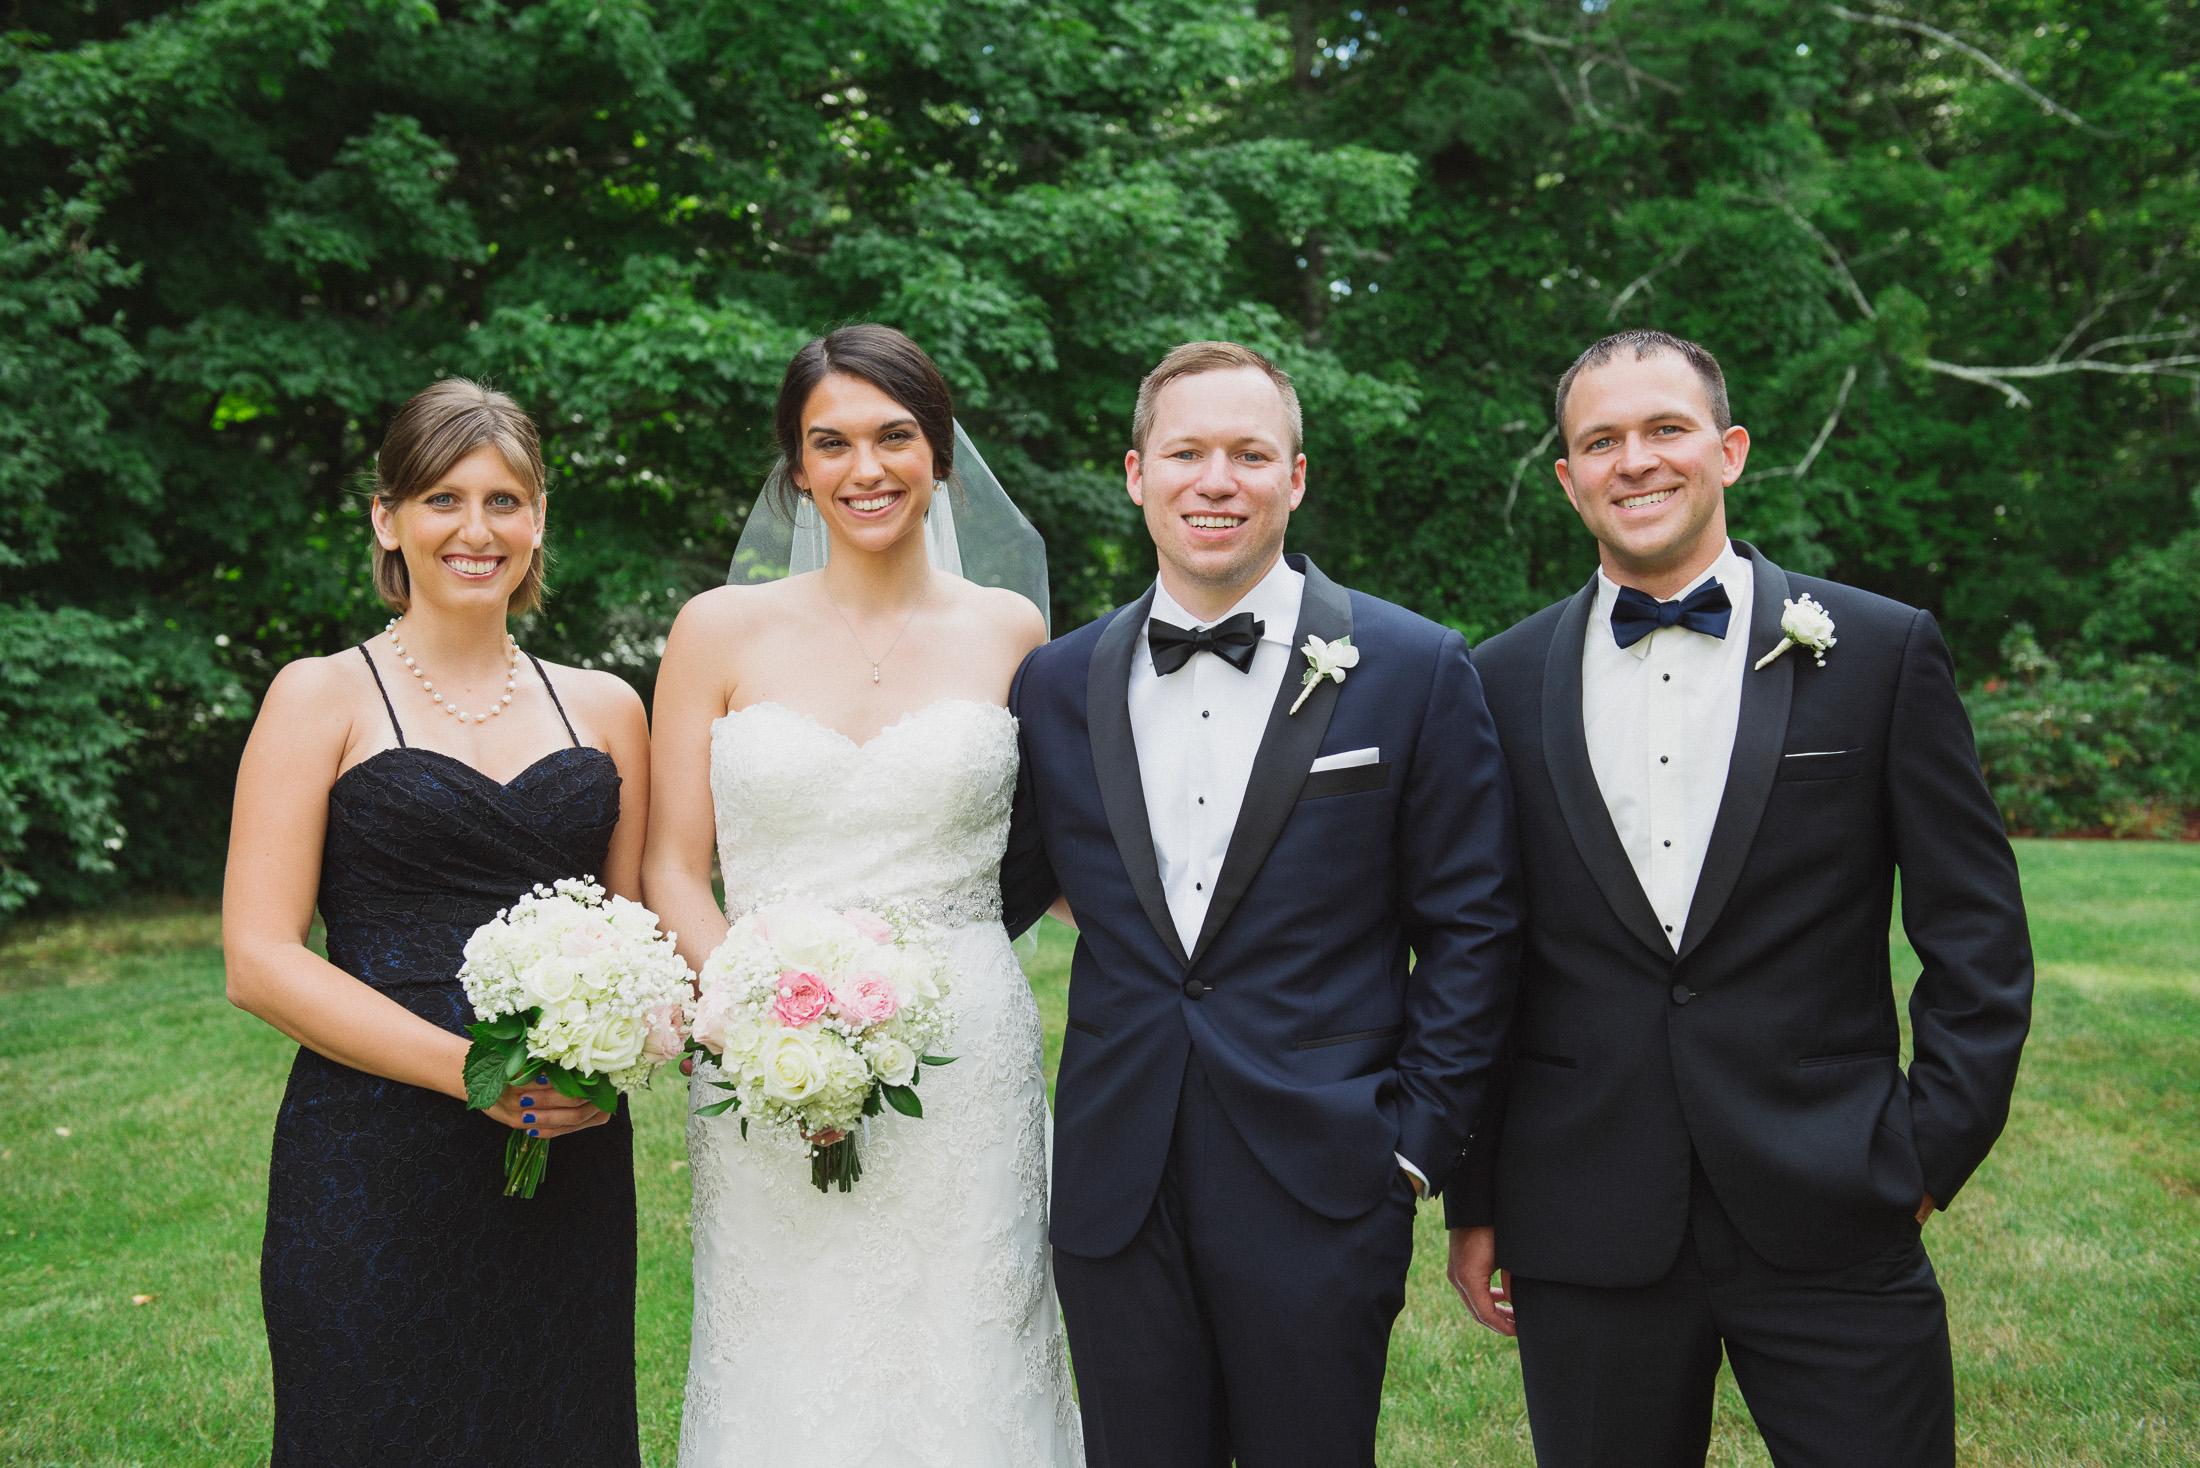 NH Wedding Photographer: bridal party at BVI